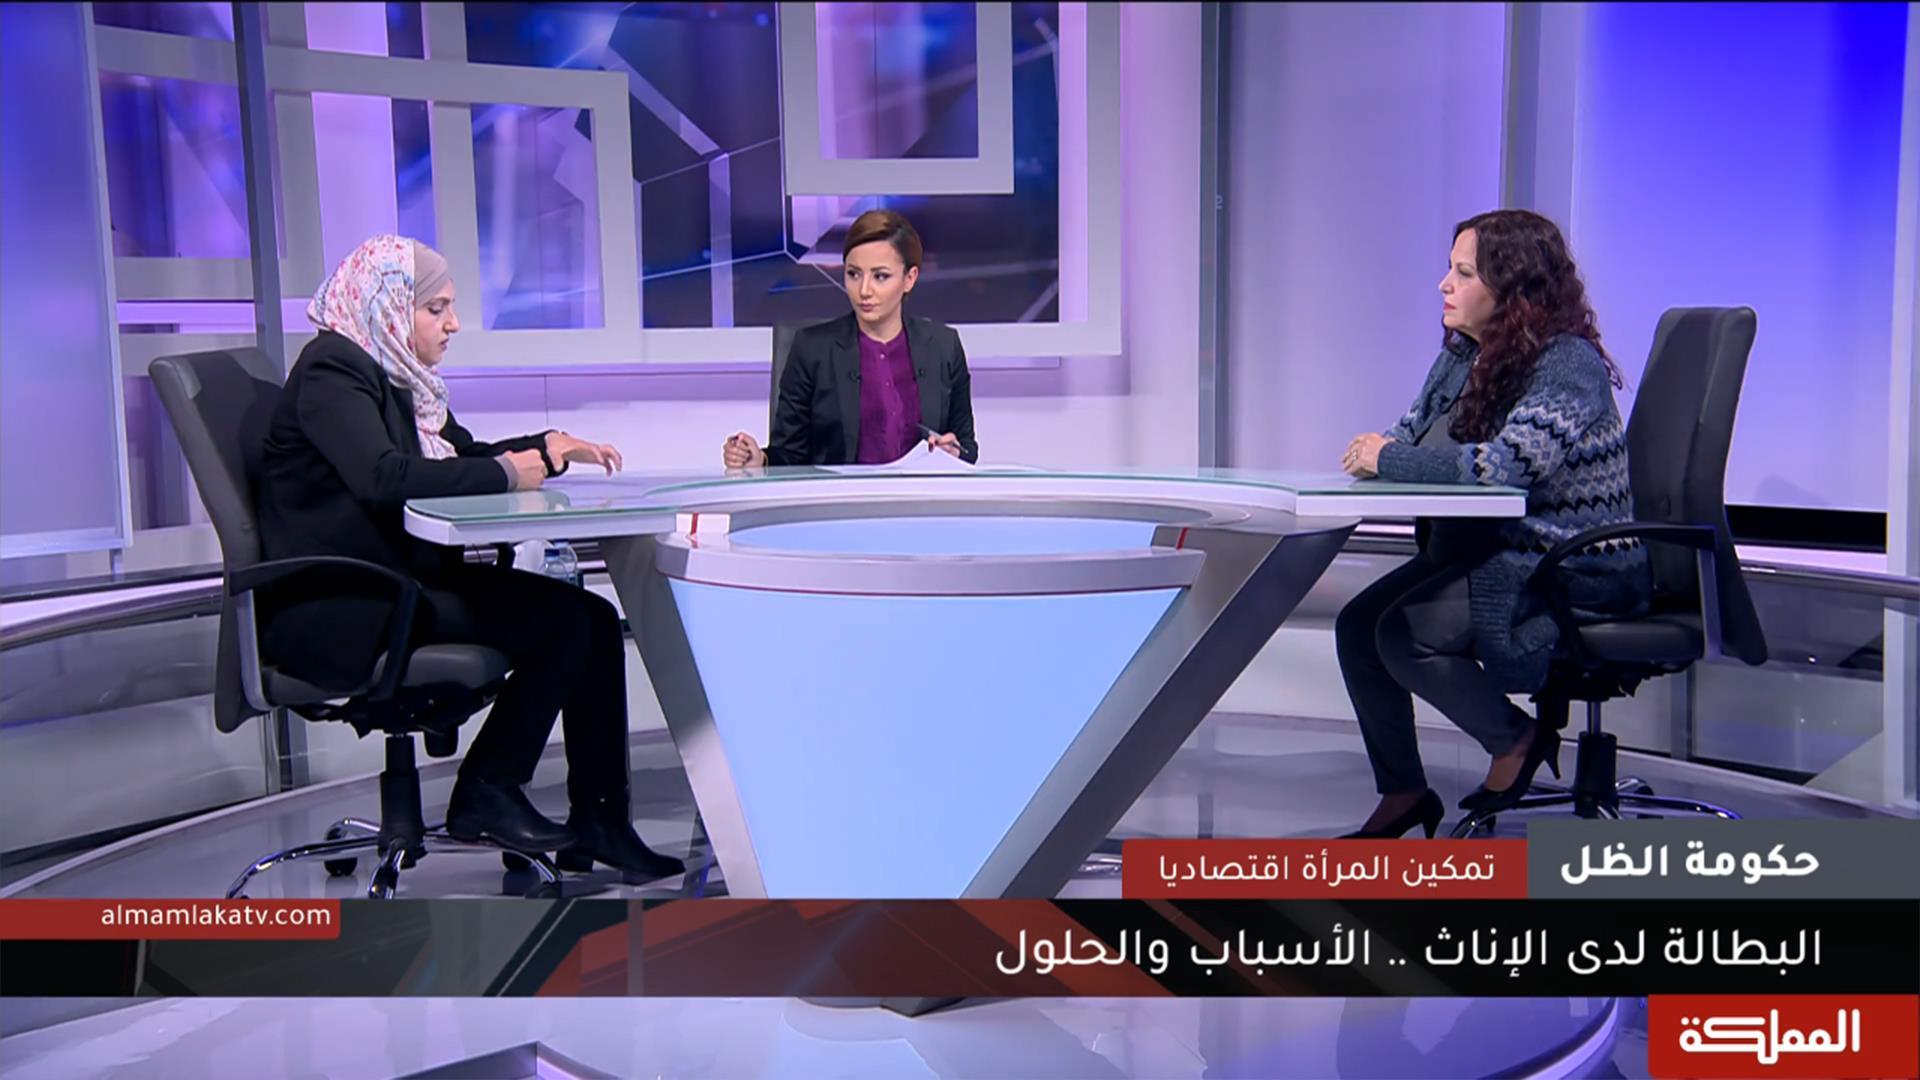 حكومة الظل | معيقات تمكين المرأة اقتصاديا ... الأسباب والحلول